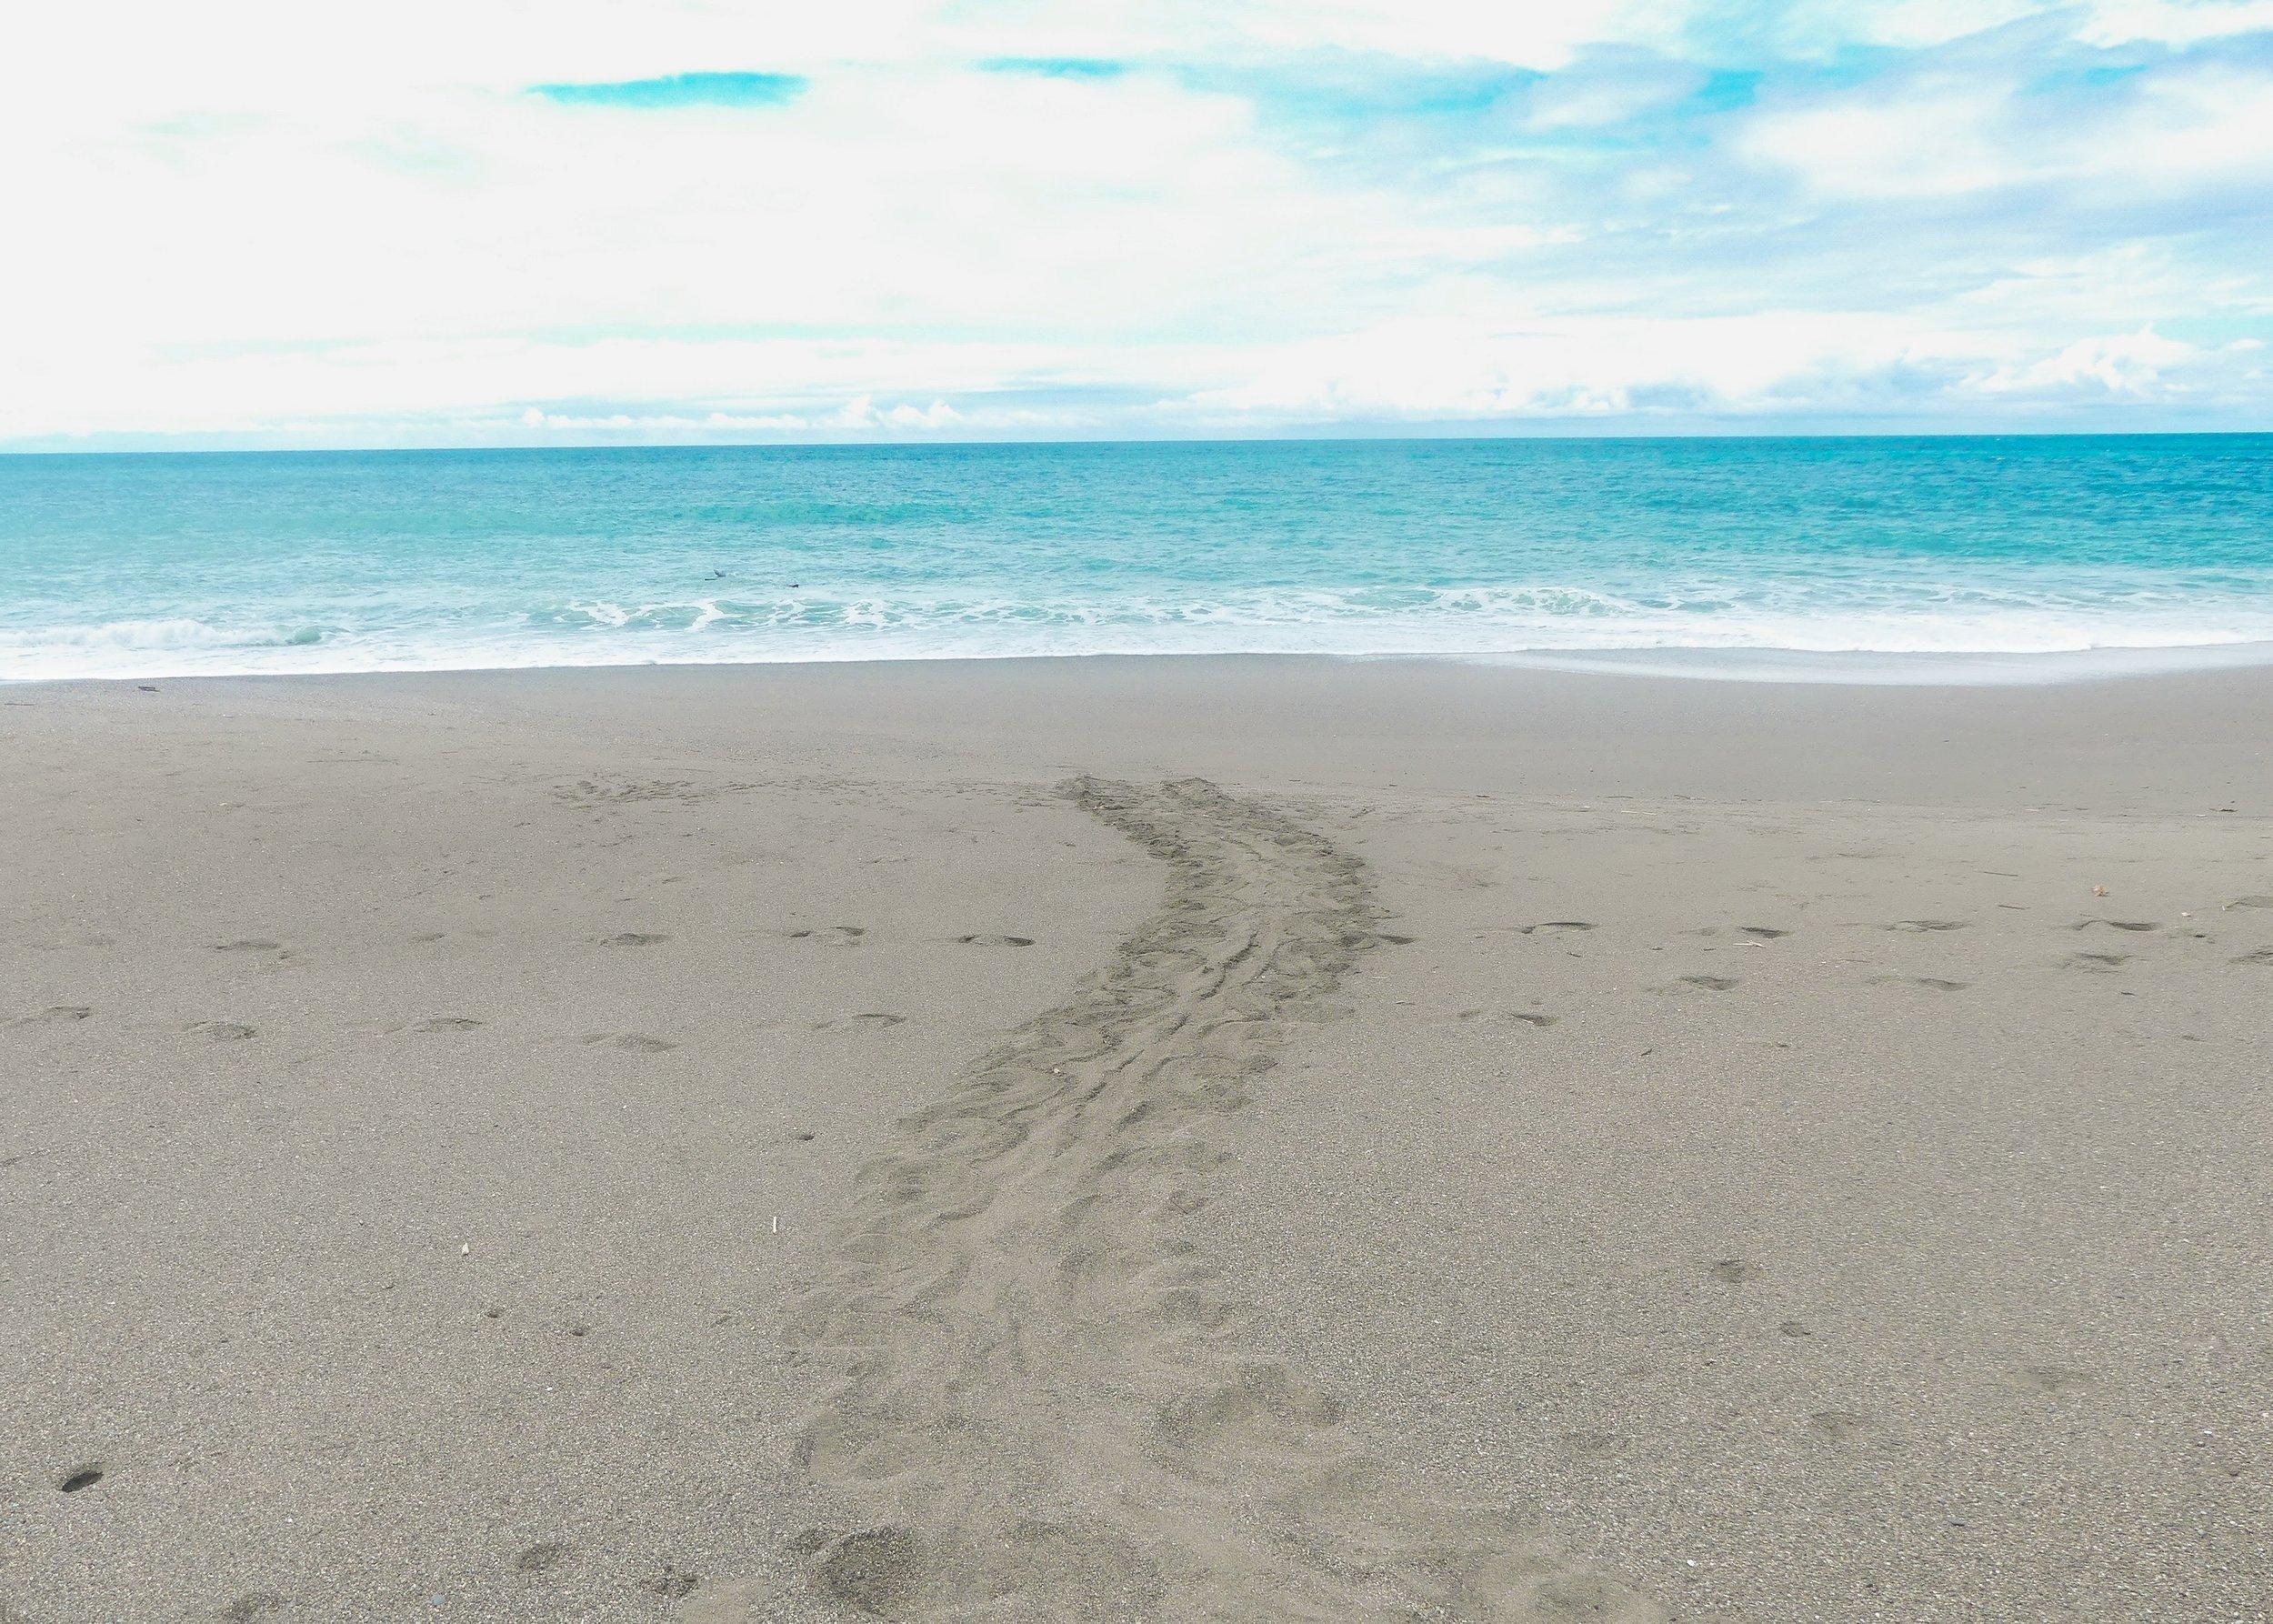 merikilpikonnan jäljet rantahiekalla.jpg